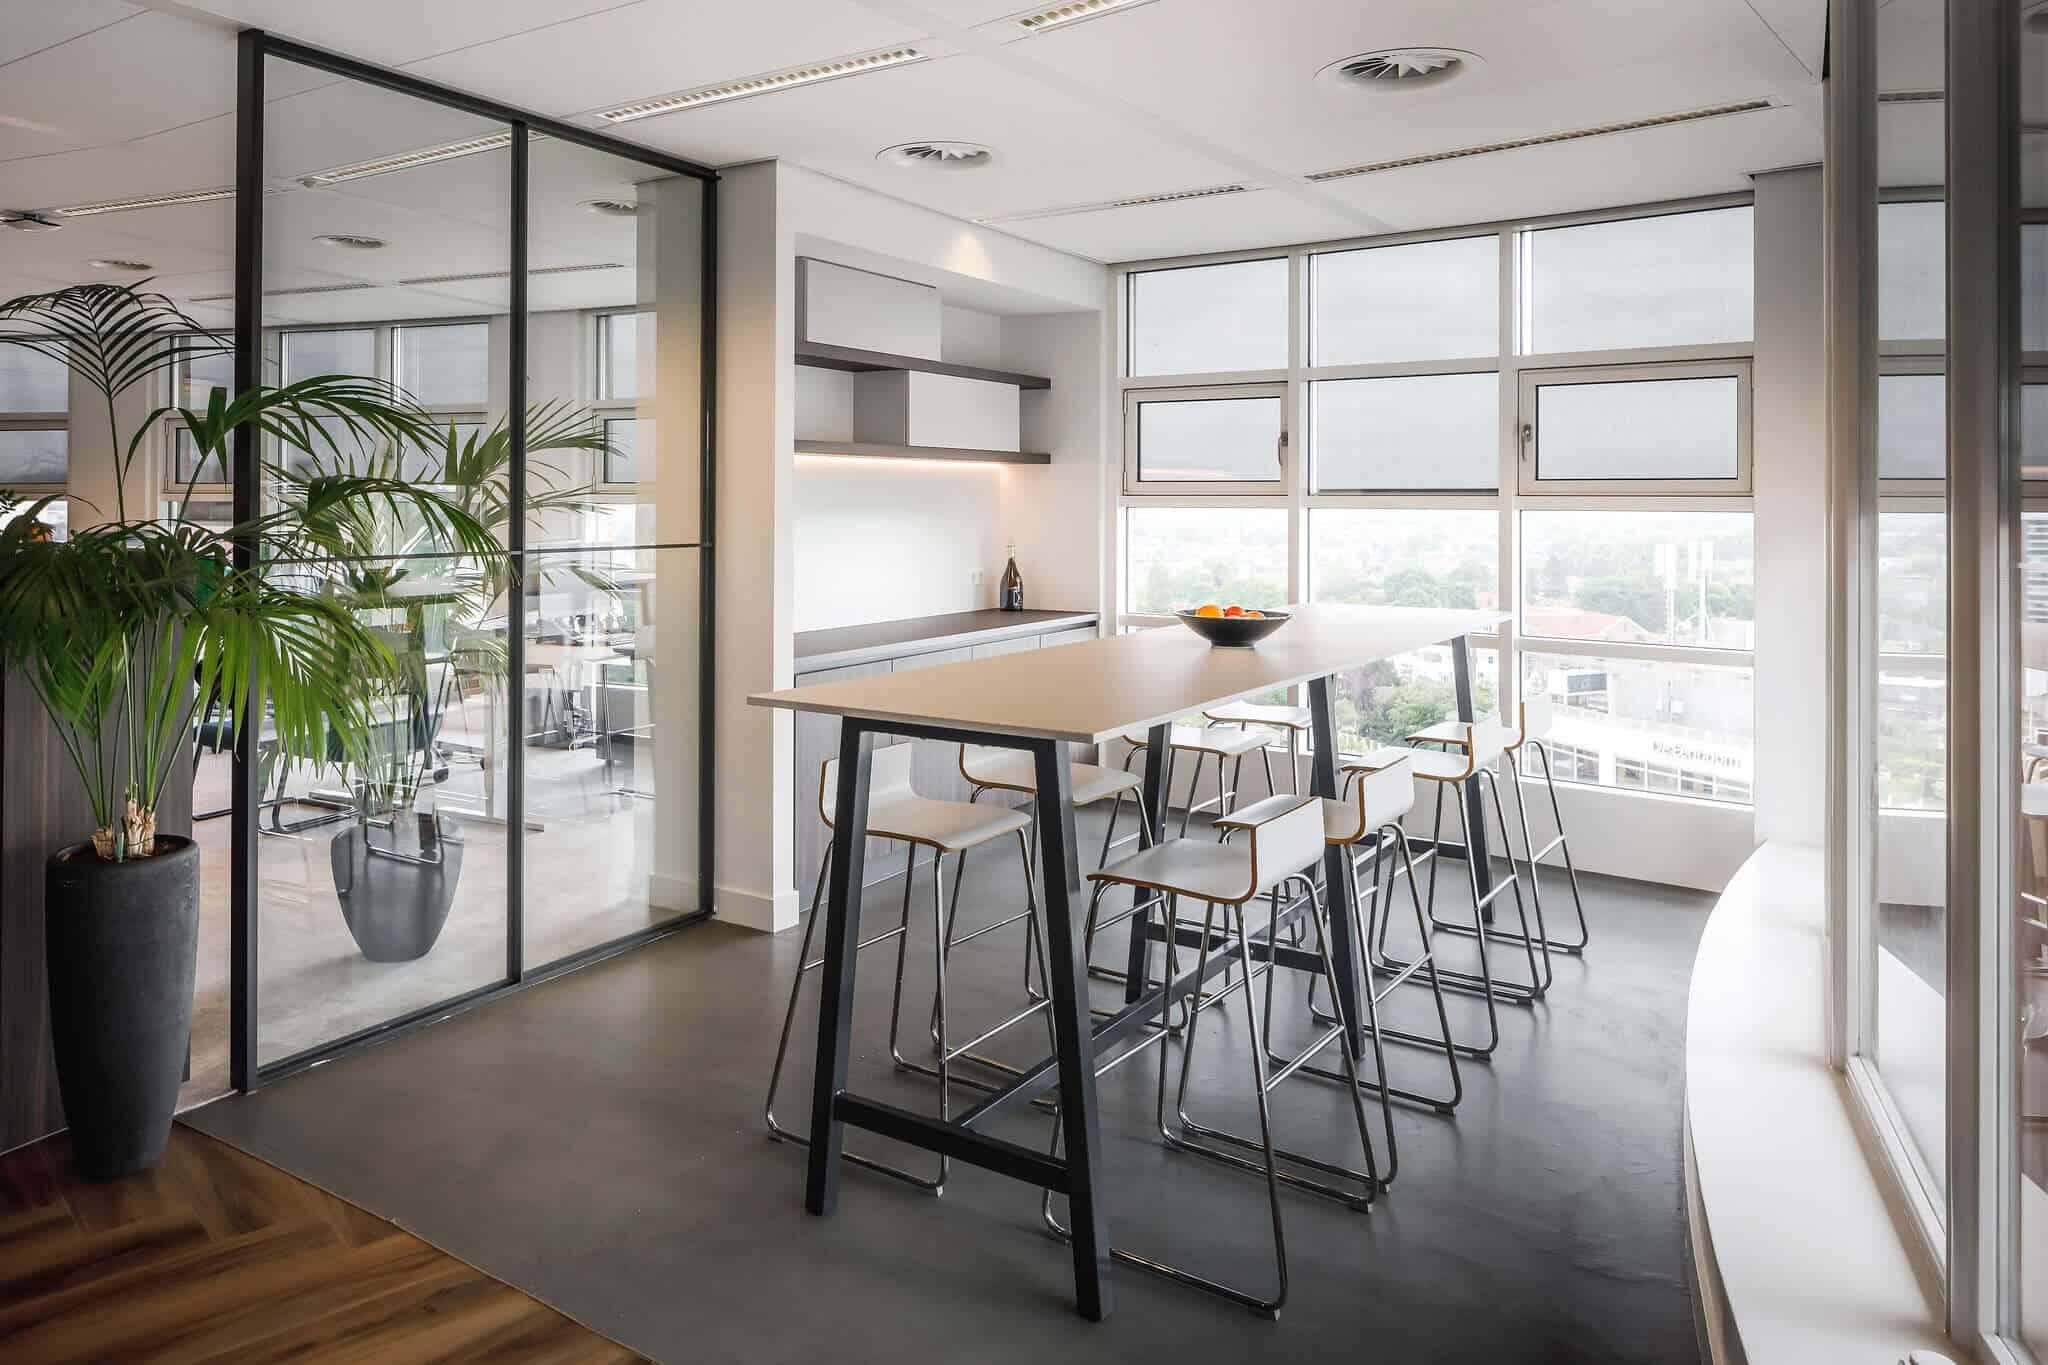 Wildenberg ontwerpt kantoor Delamine indirecte verlichting hoge tafel en barkrukken